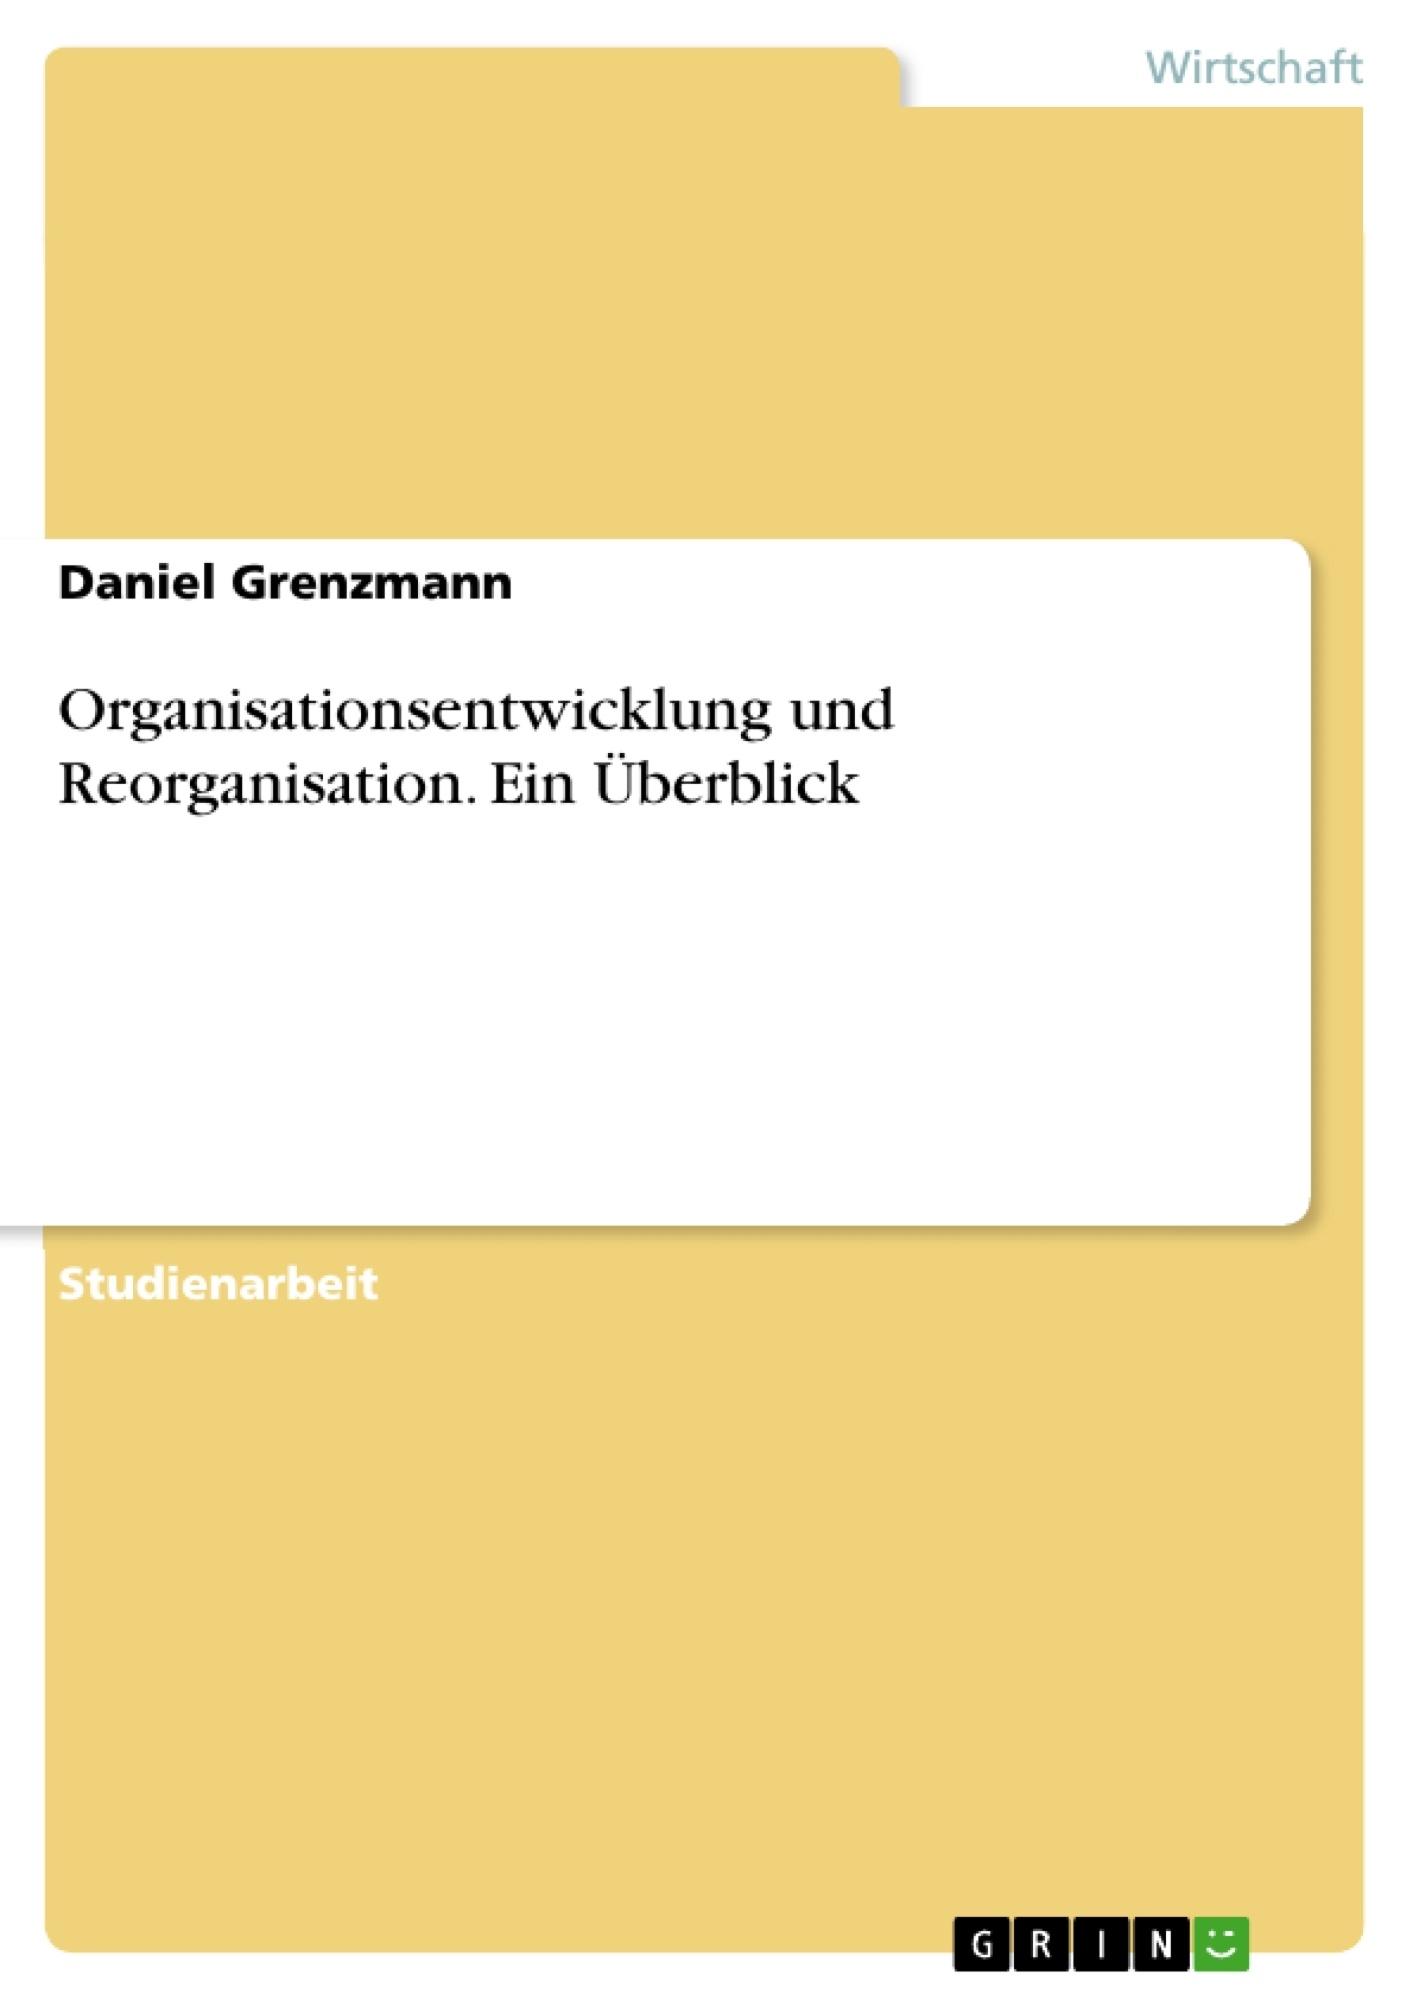 Titel: Organisationsentwicklung und Reorganisation. Ein Überblick